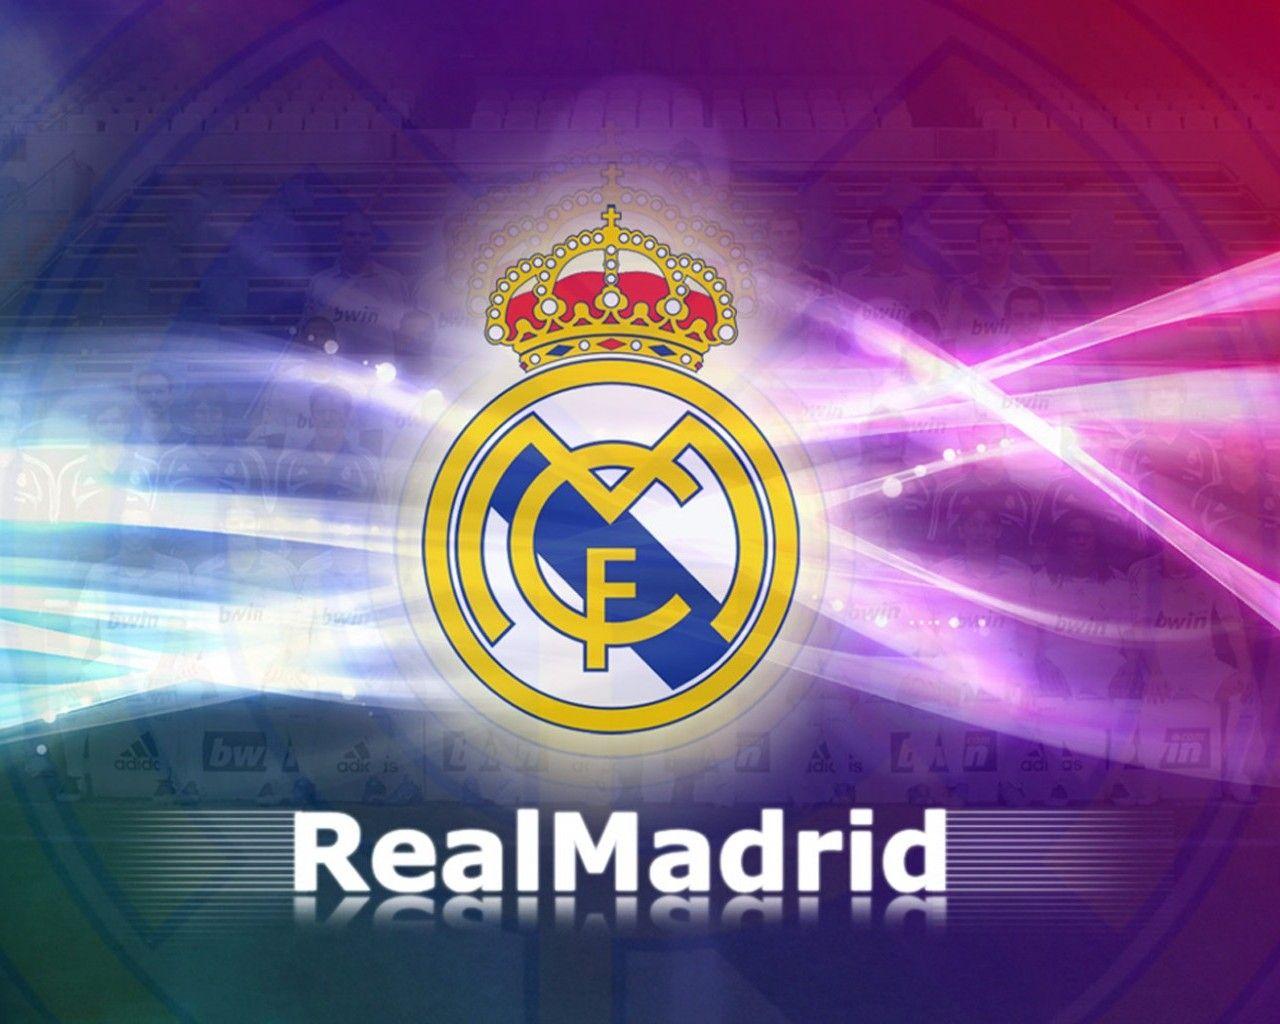 Equipo De Deporte Doodle Fondo Transparente: Escudo Del Real Madrid Para Portada De Facebook